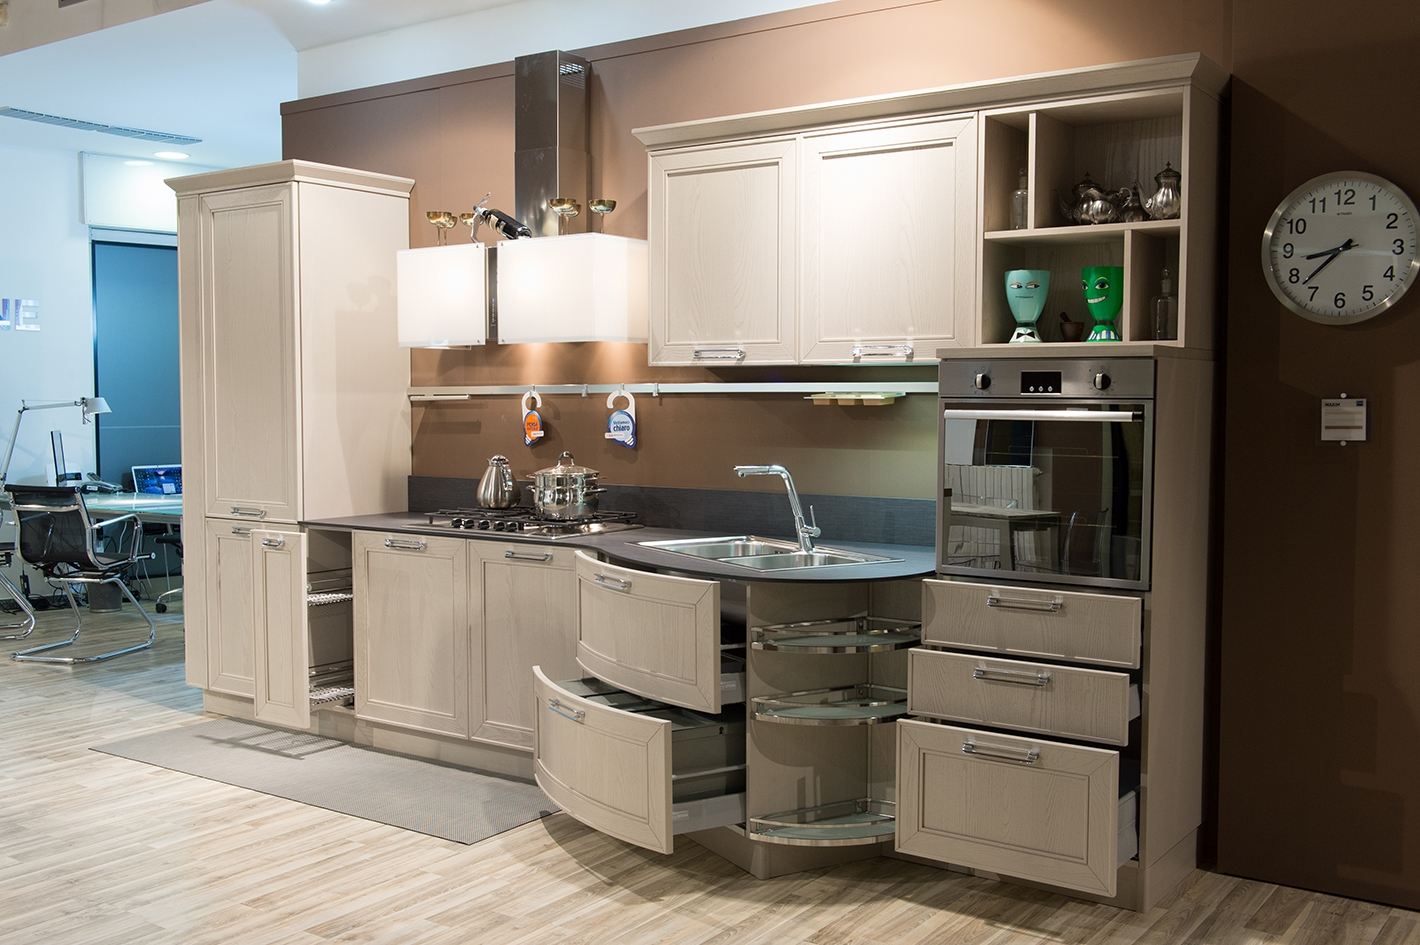 Stosa cucine cucina maxim classica legno cucine a prezzi scontati - Mercatone uno cucine offerta ...